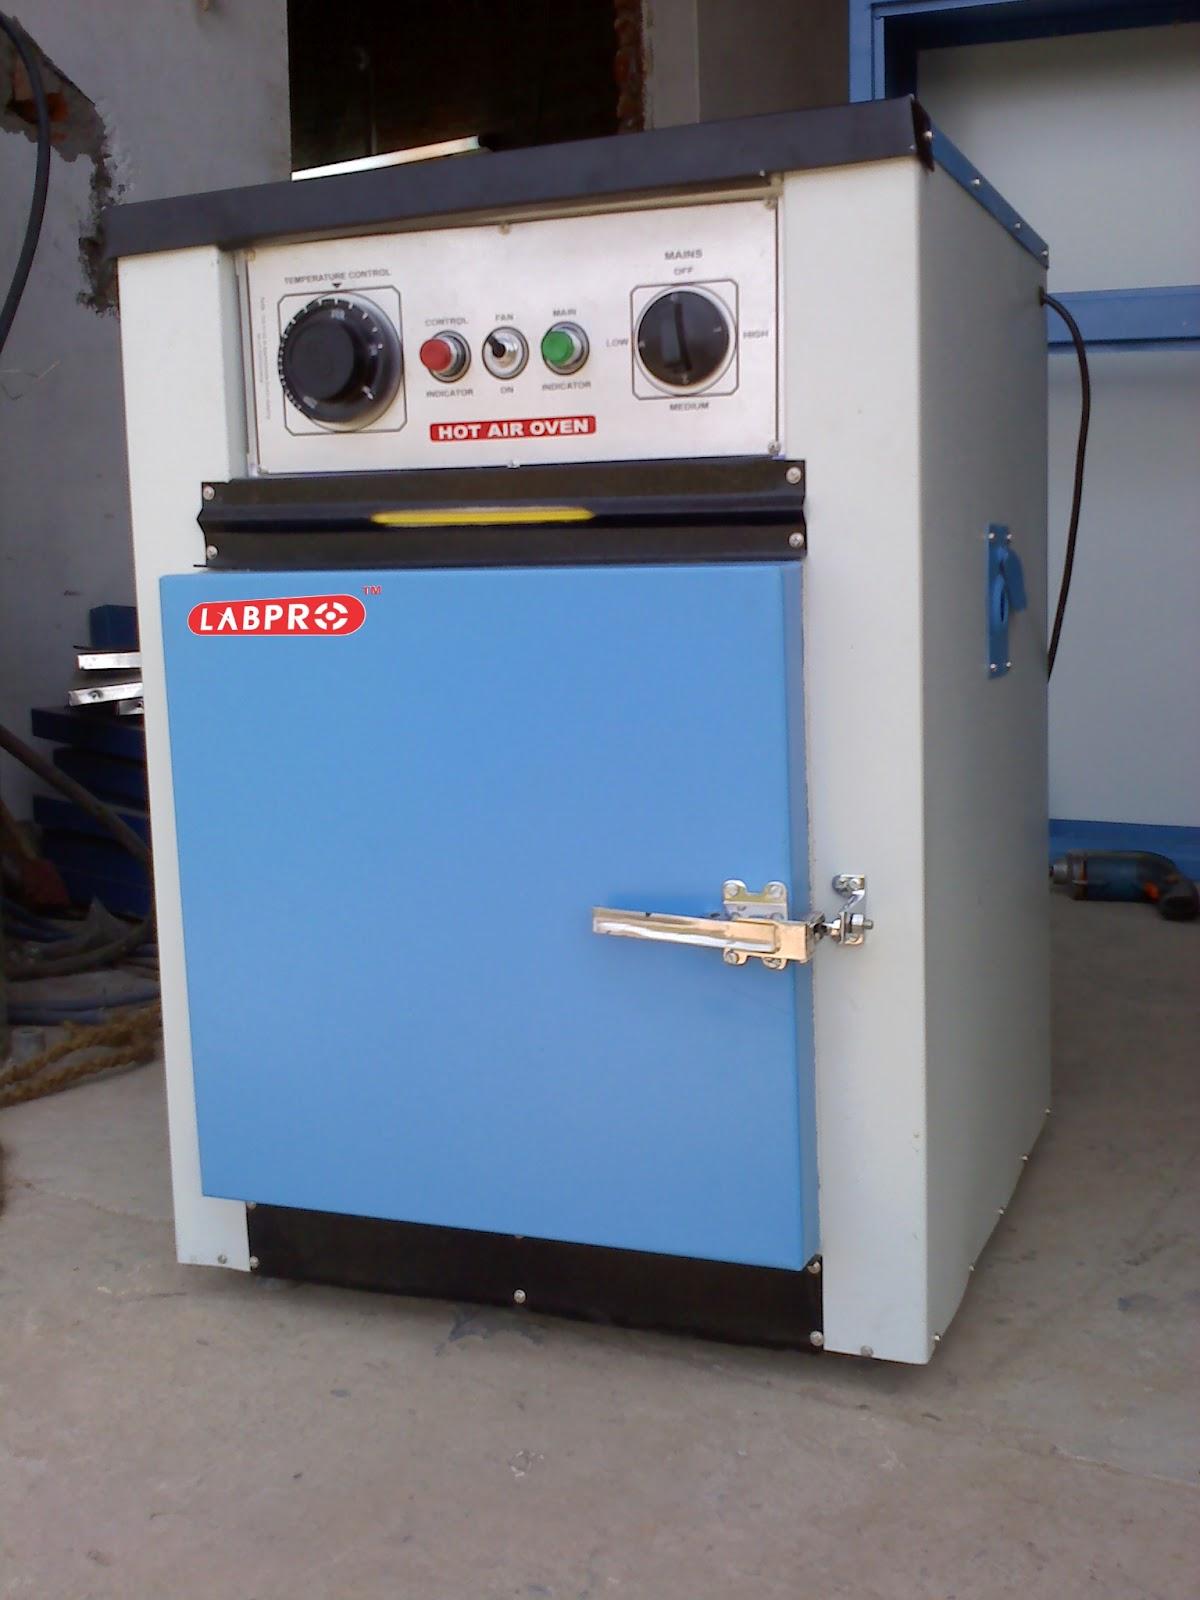 Hot Air Cooker ~ Labpro hot air oven international